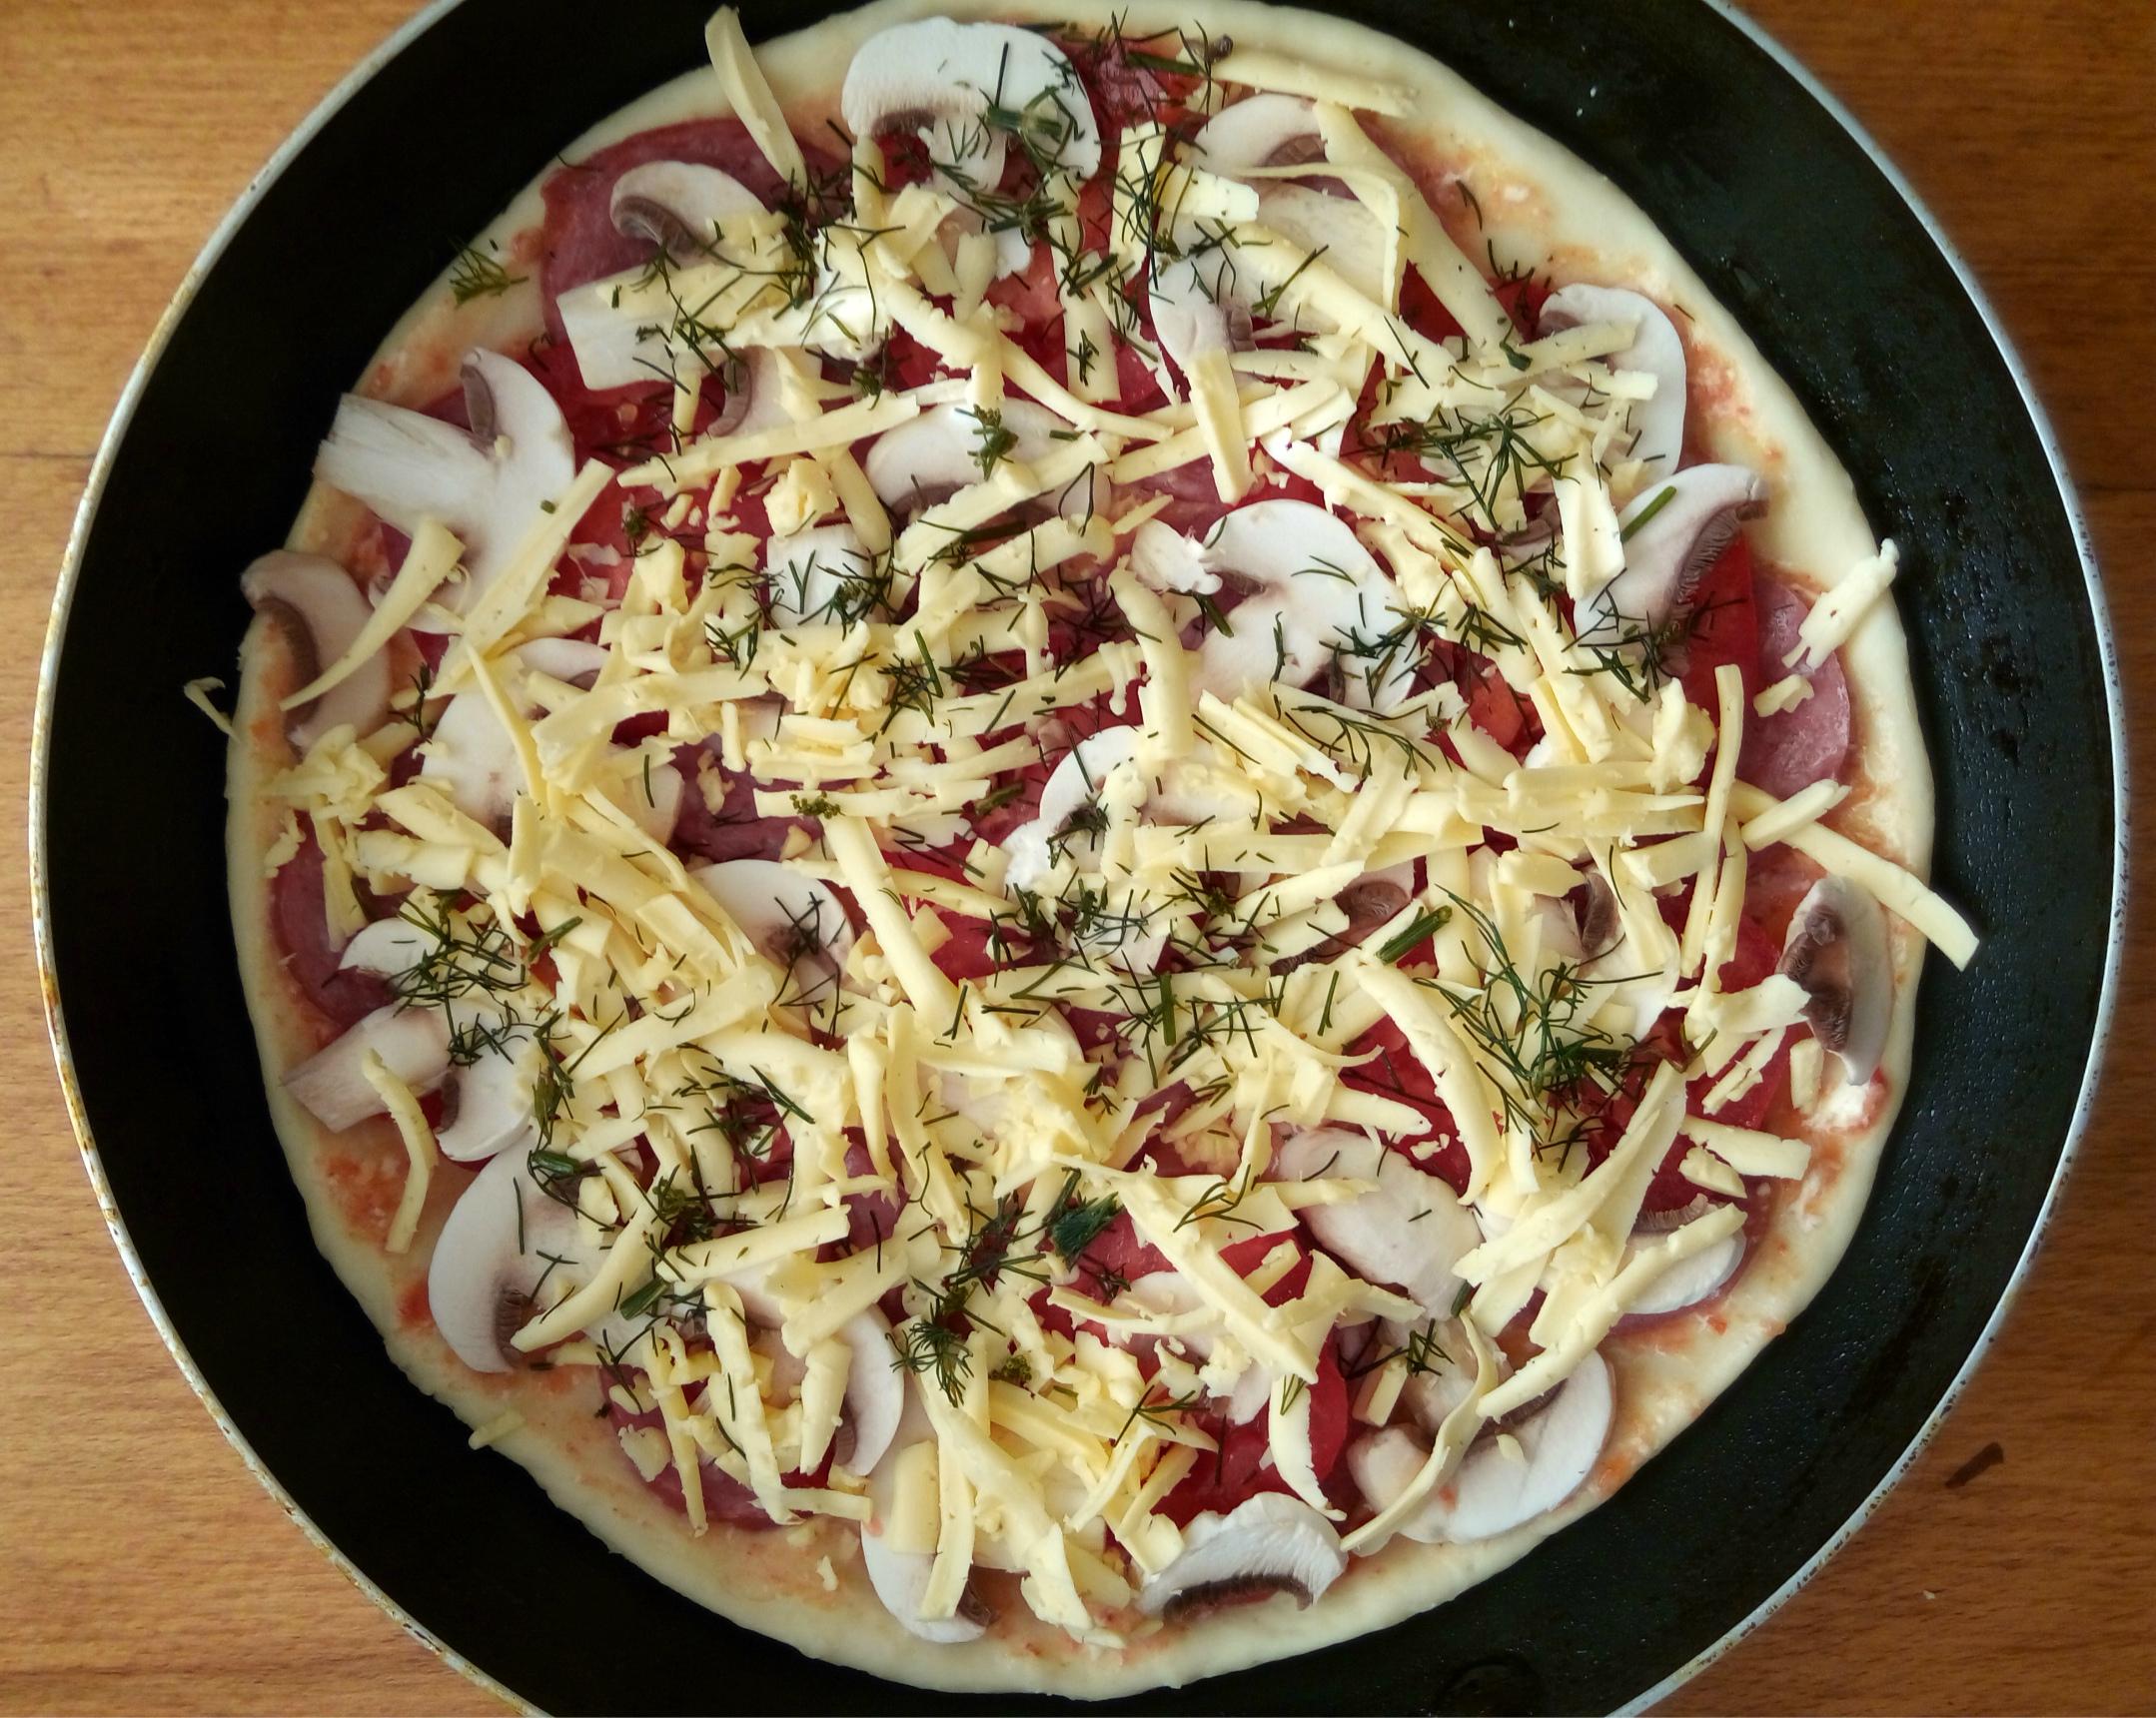 Піца на сковорідці: Викладка овочів на піцу